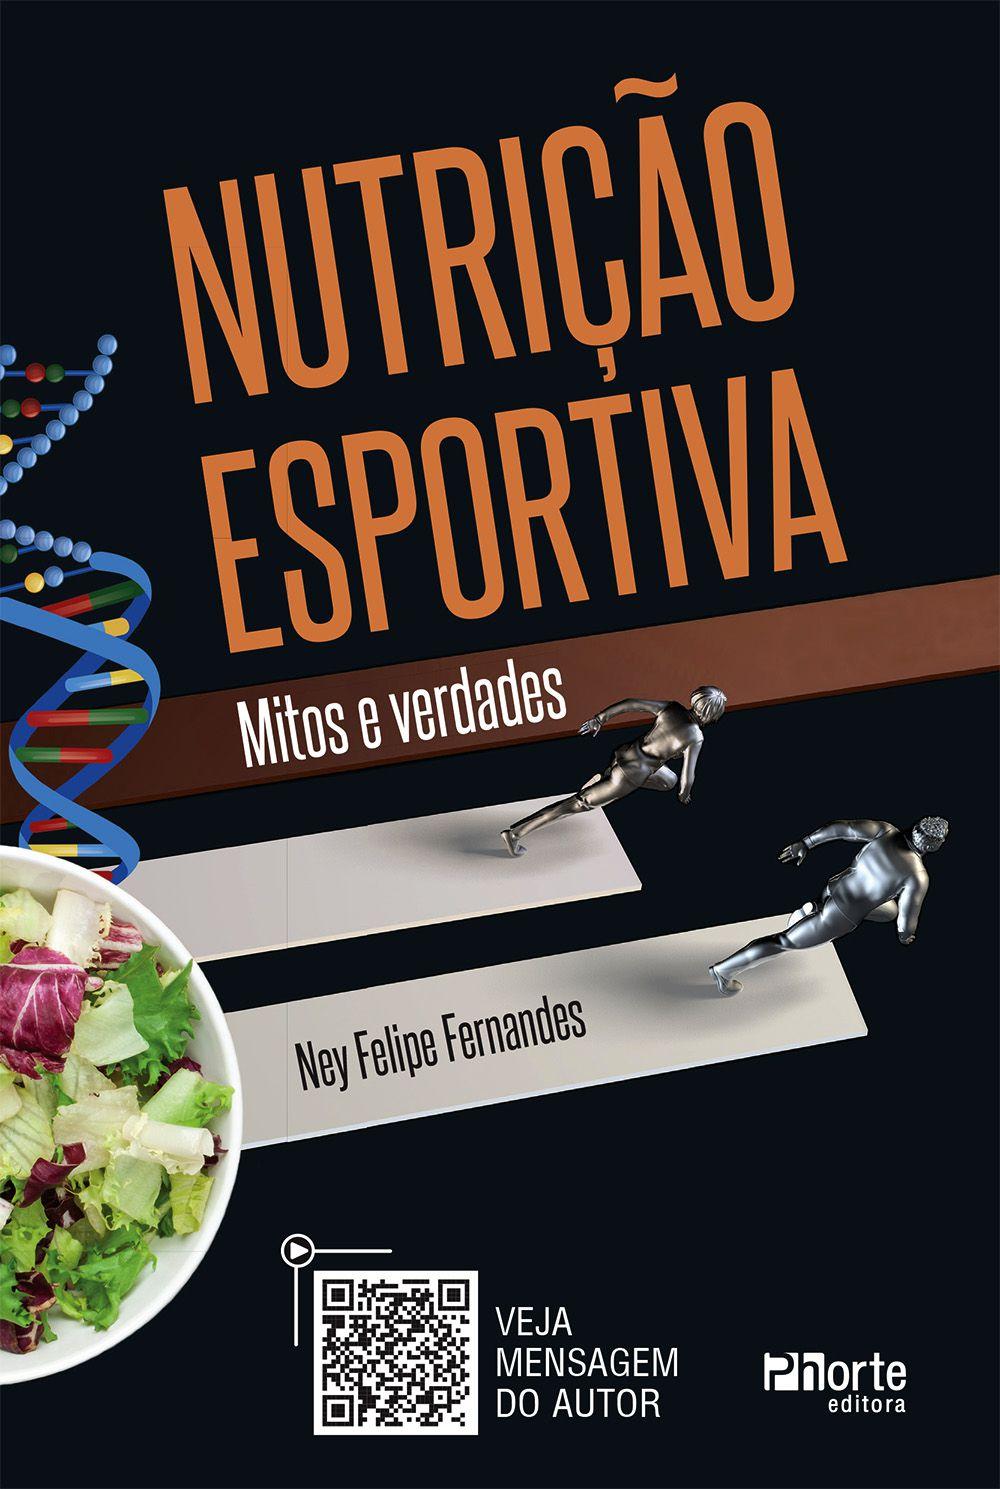 Nutrição Esportiva: Mitos e Verdades (Ney Felipe Fernandes )  - Phorte Editora